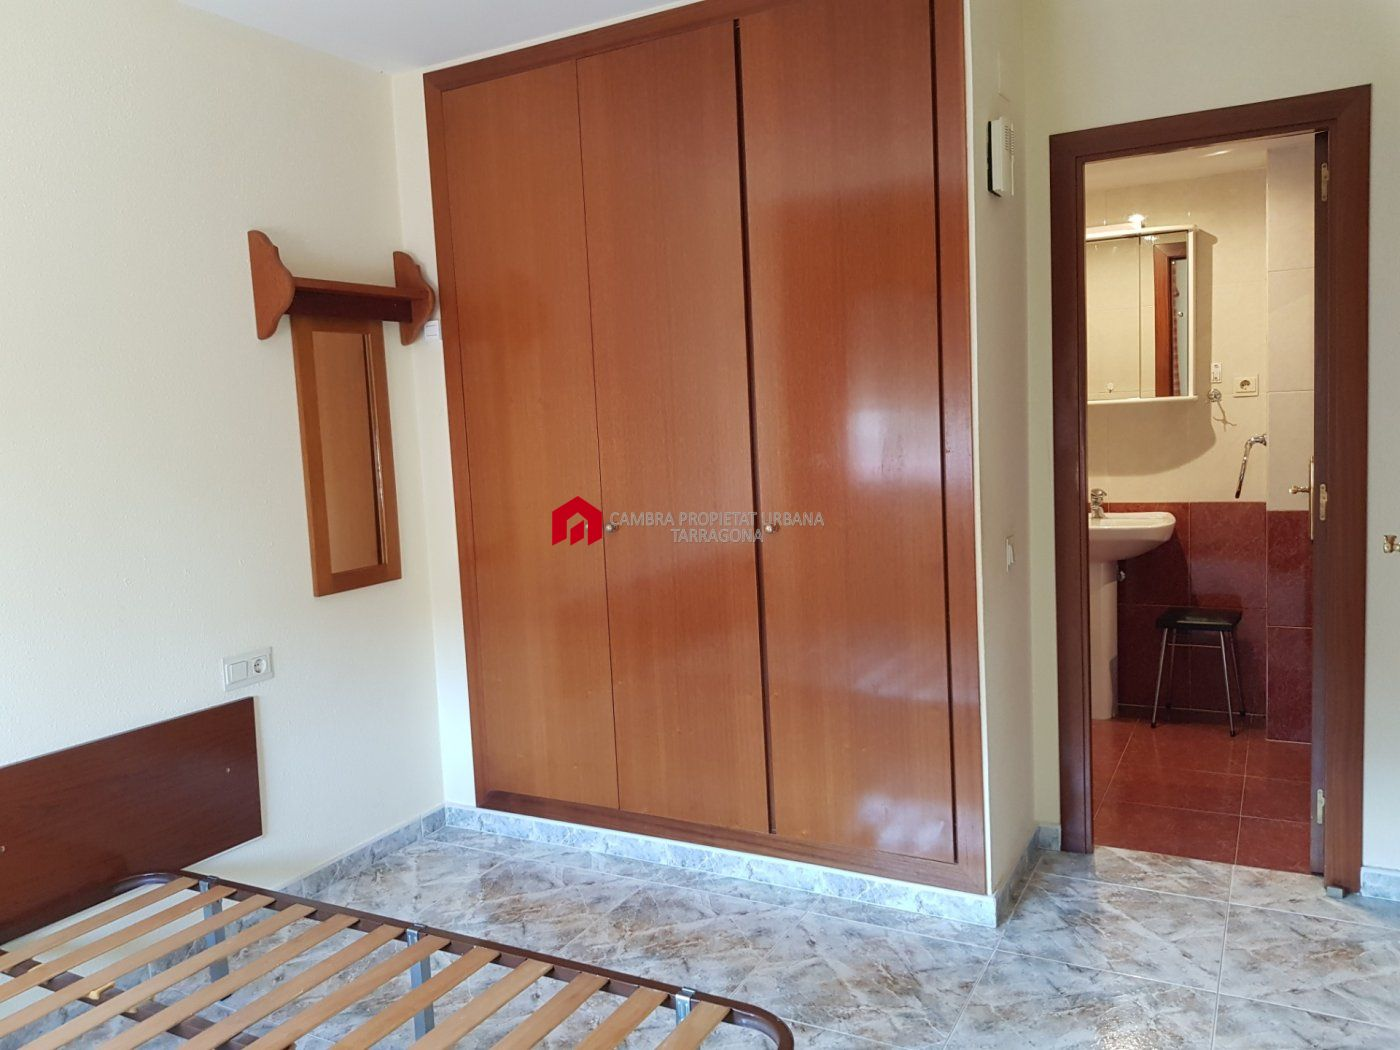 Pis · Tarragona · Barris Maritims 770€ MES€